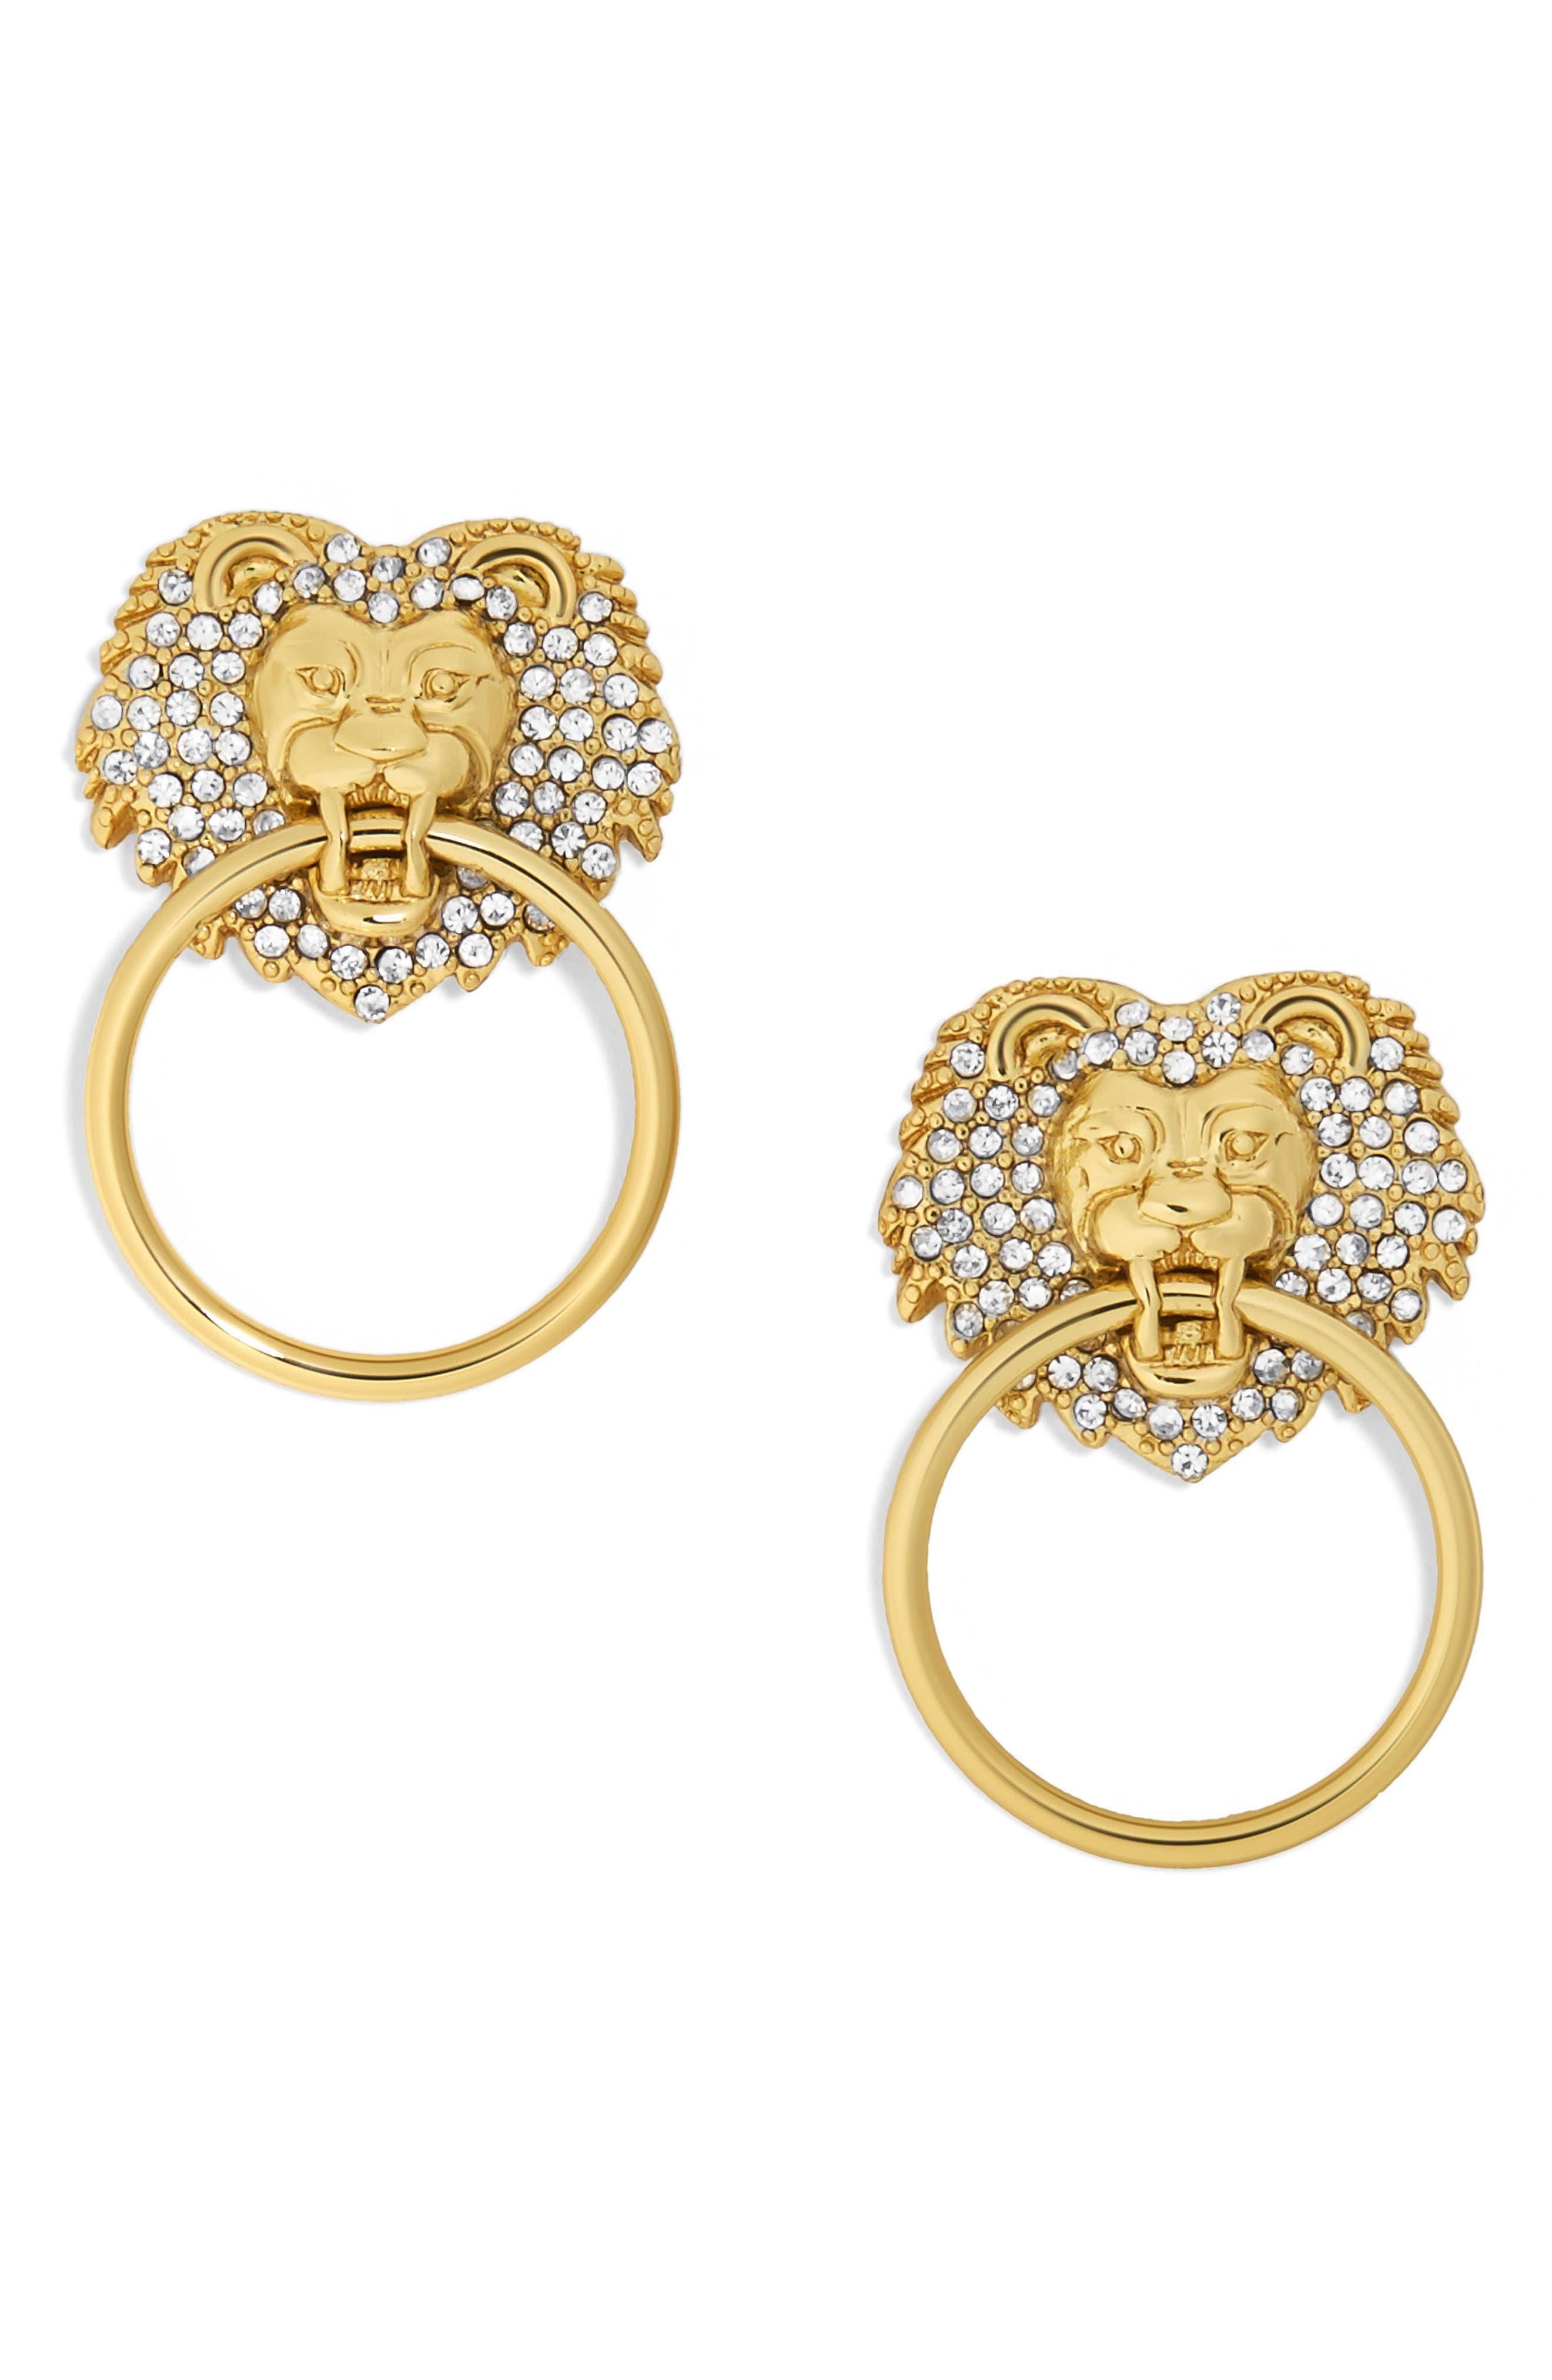 BAUBLEBAR Panthera Doorknocker Earrings